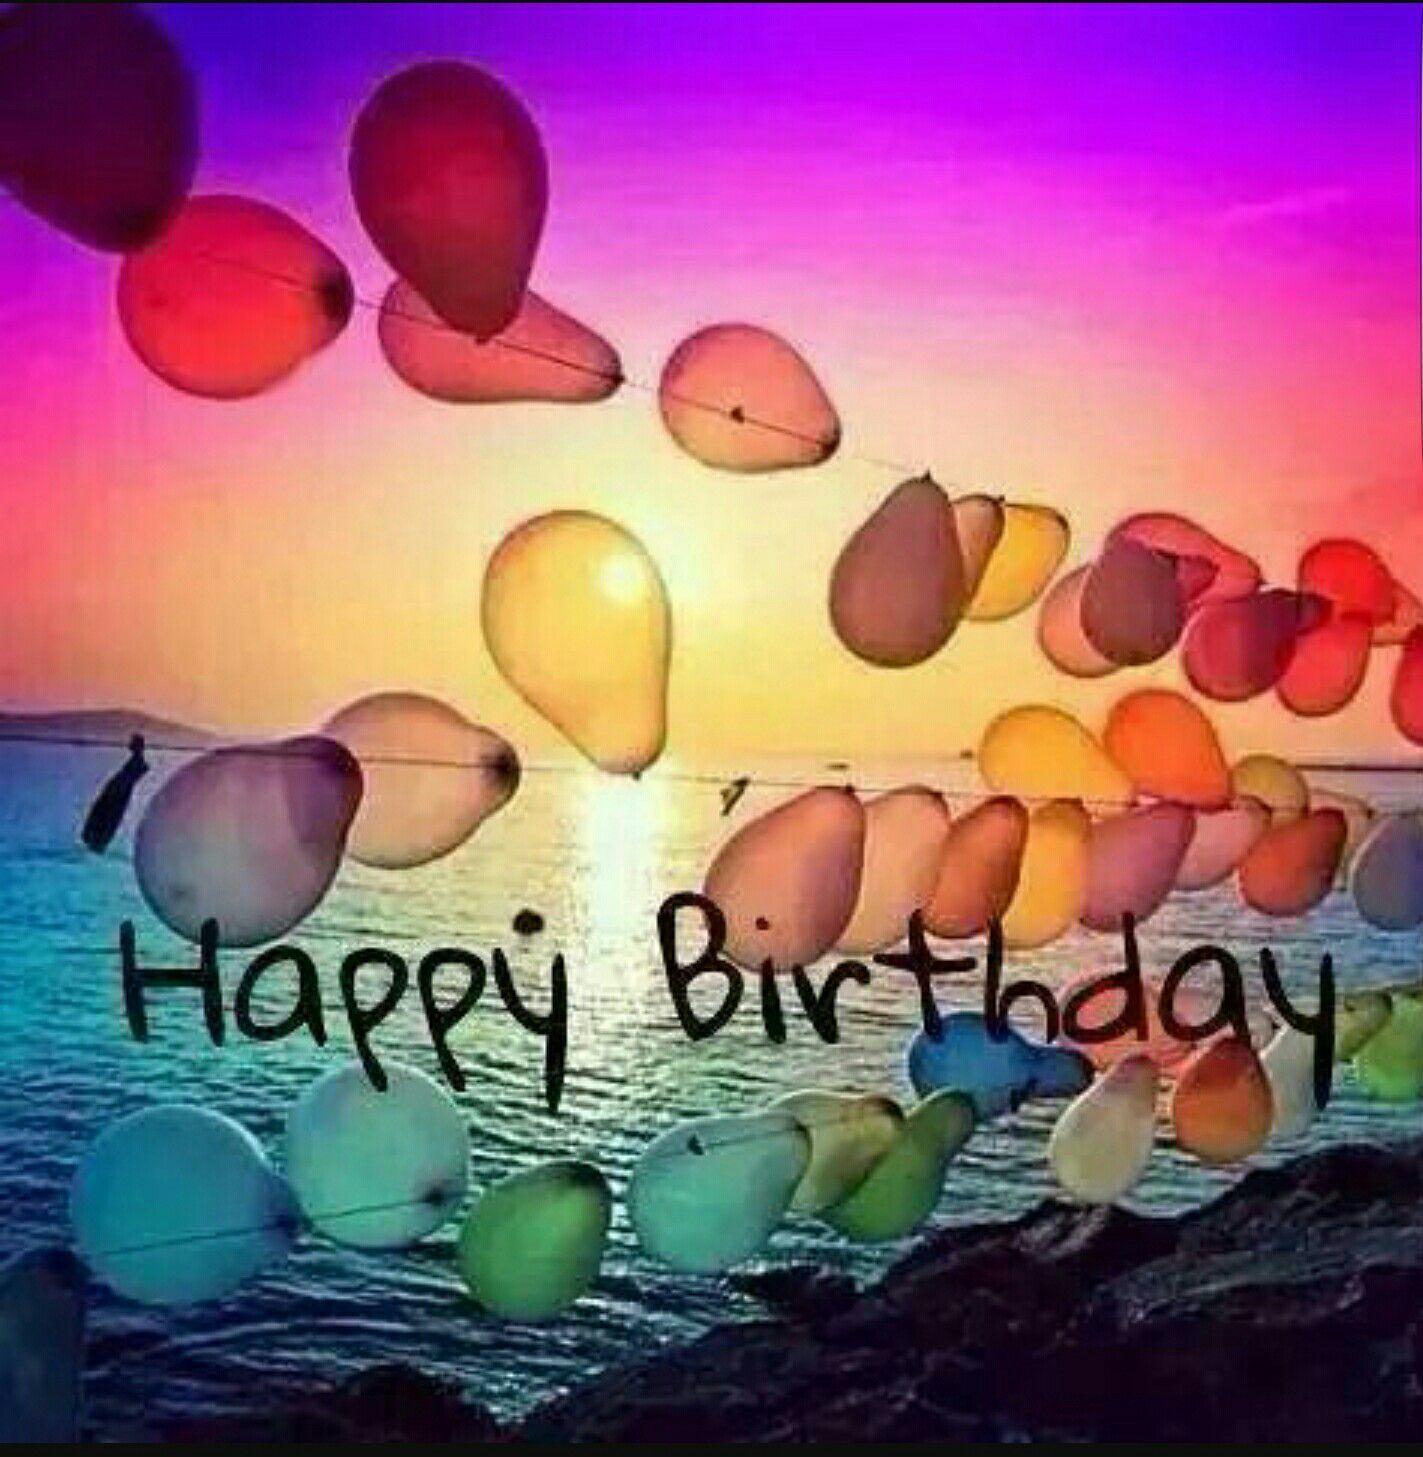 Alles Gute Zum Geburtstag Spruche Jeder Bekommt Anerkennung Und